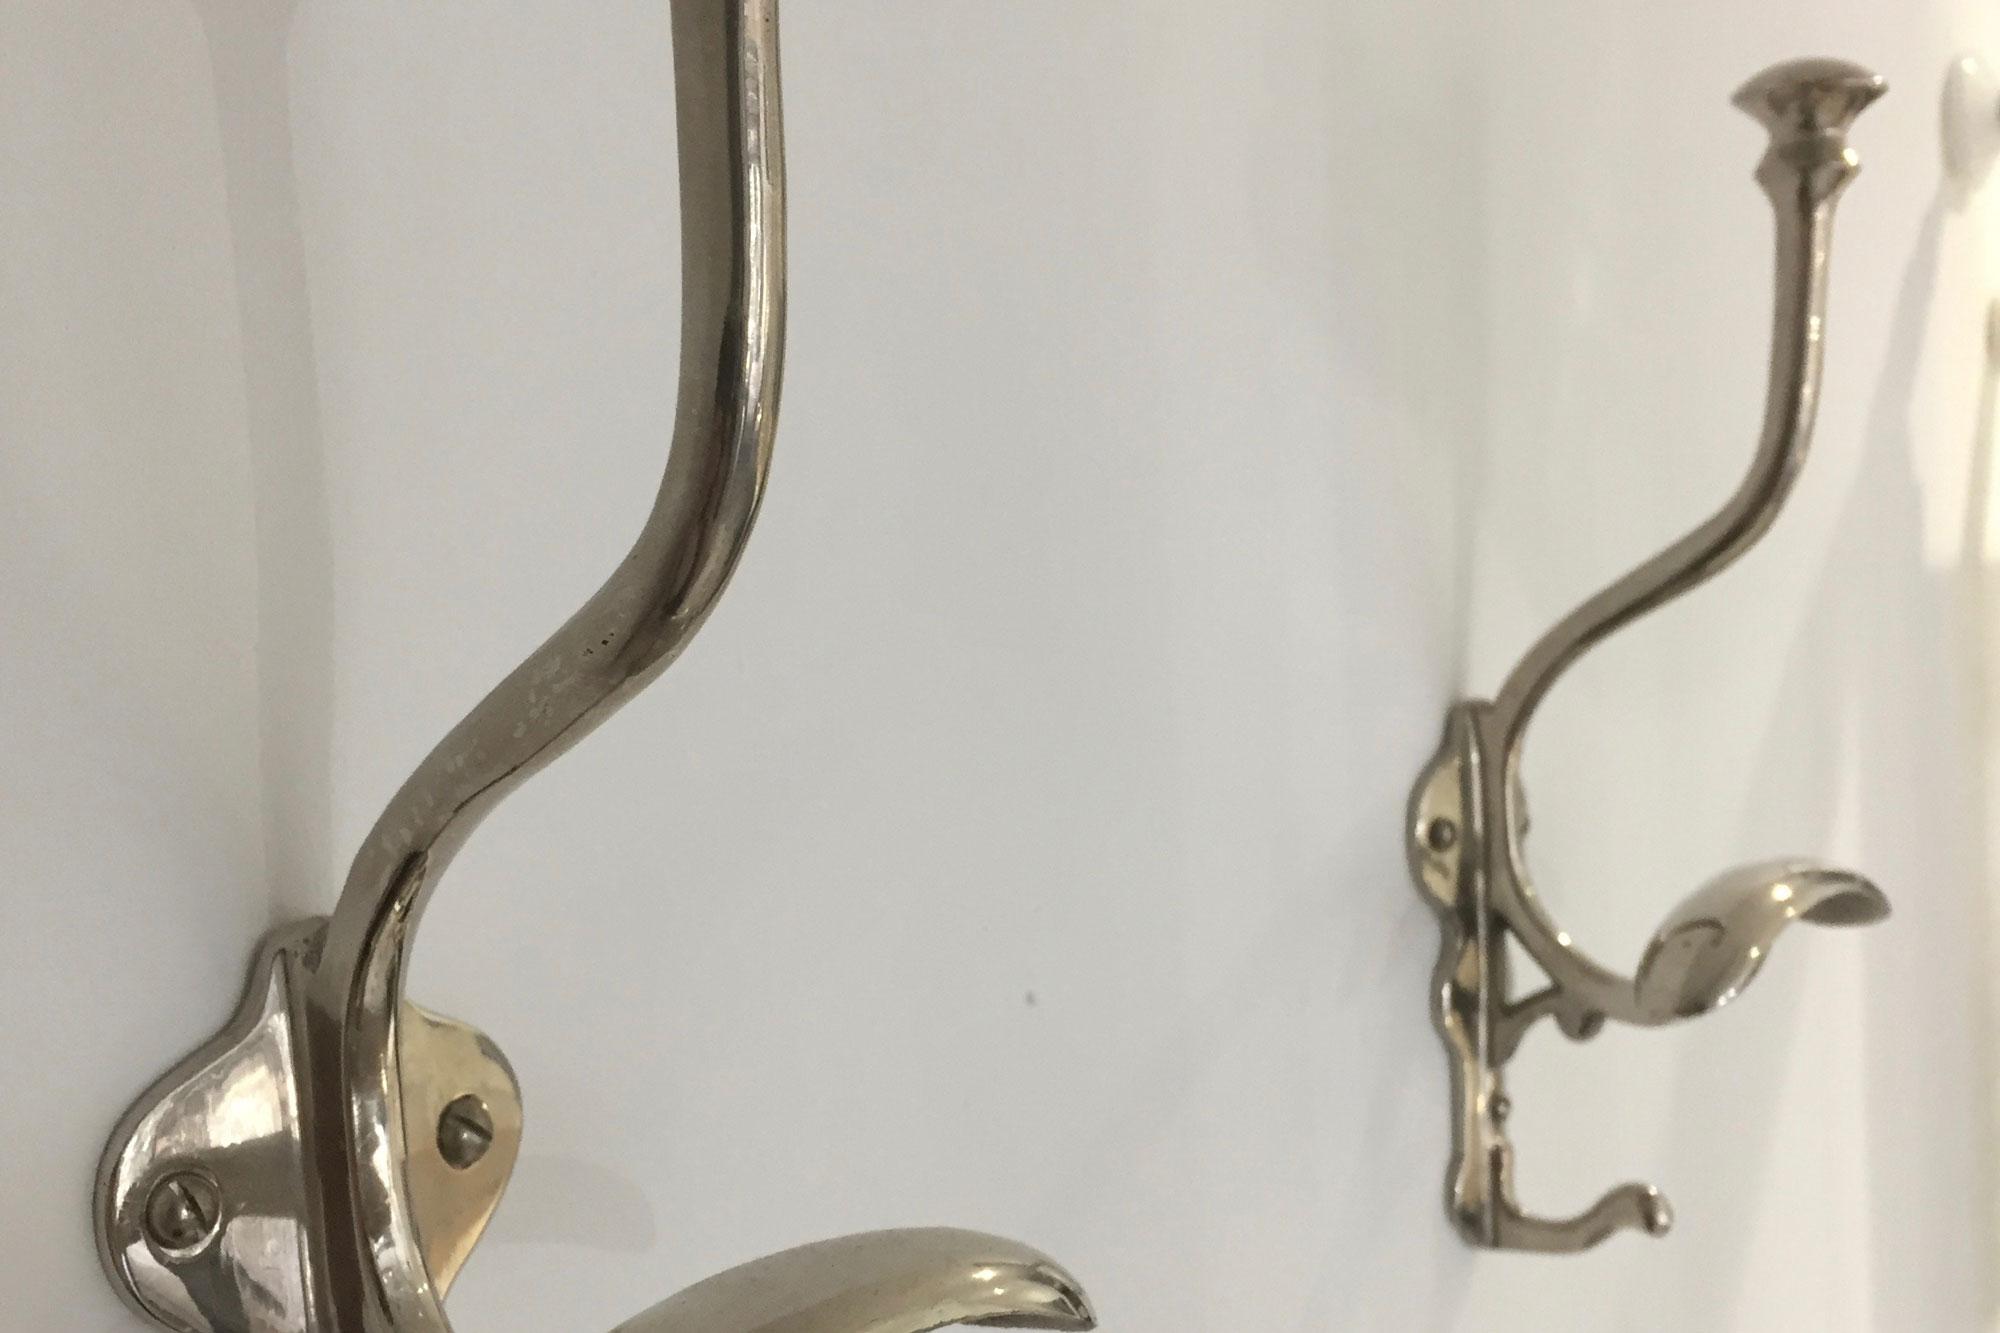 badkamer-haken-zilver - Blos Interieur